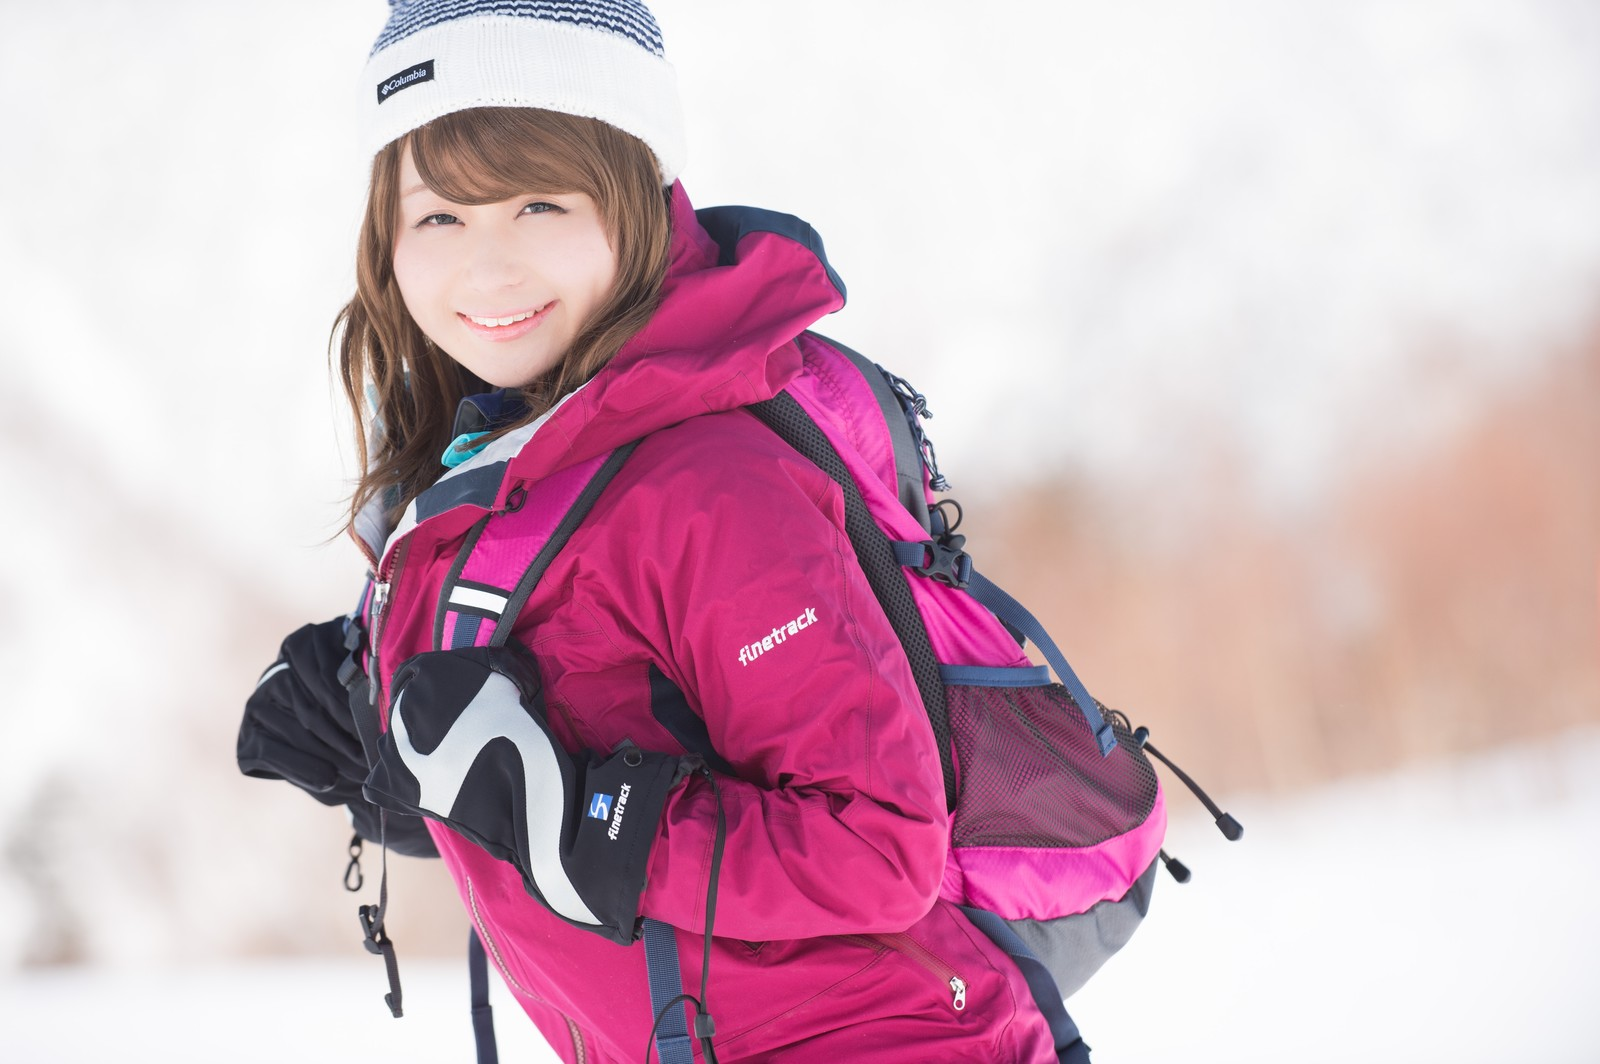 「雪山が楽しすぎて会社に行くモチベーションノットファウンド」の写真[モデル:茜さや]